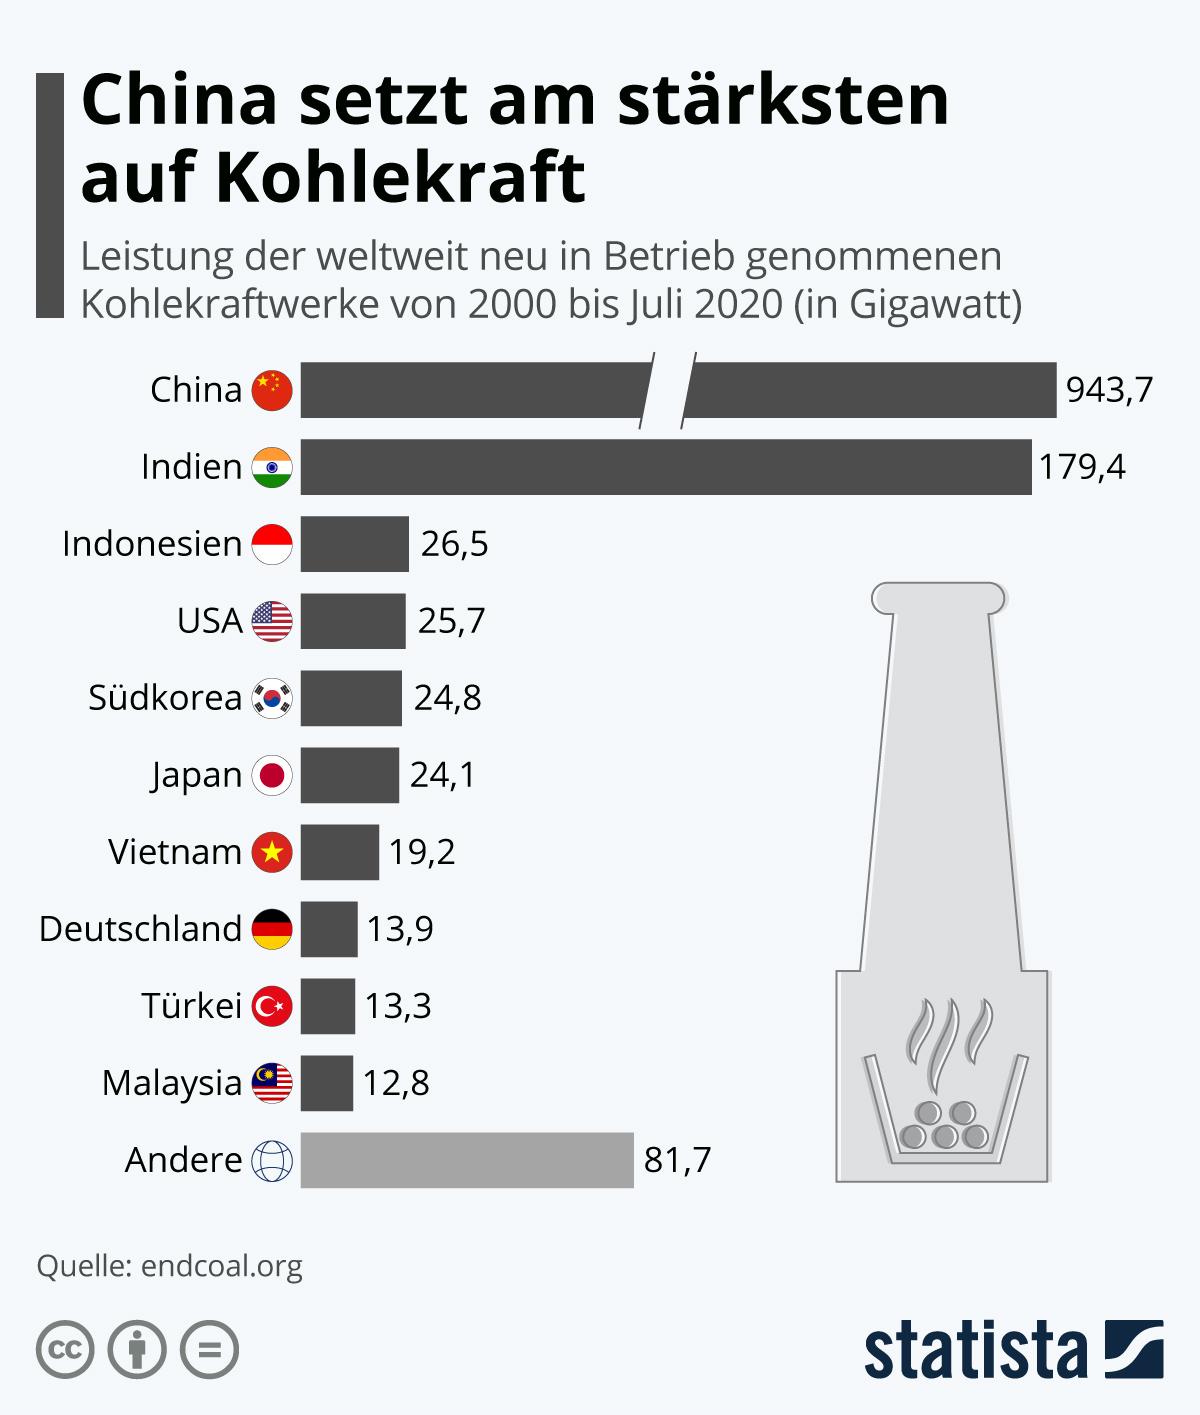 China setzt am stärksten auf Kohkekraft | Statista